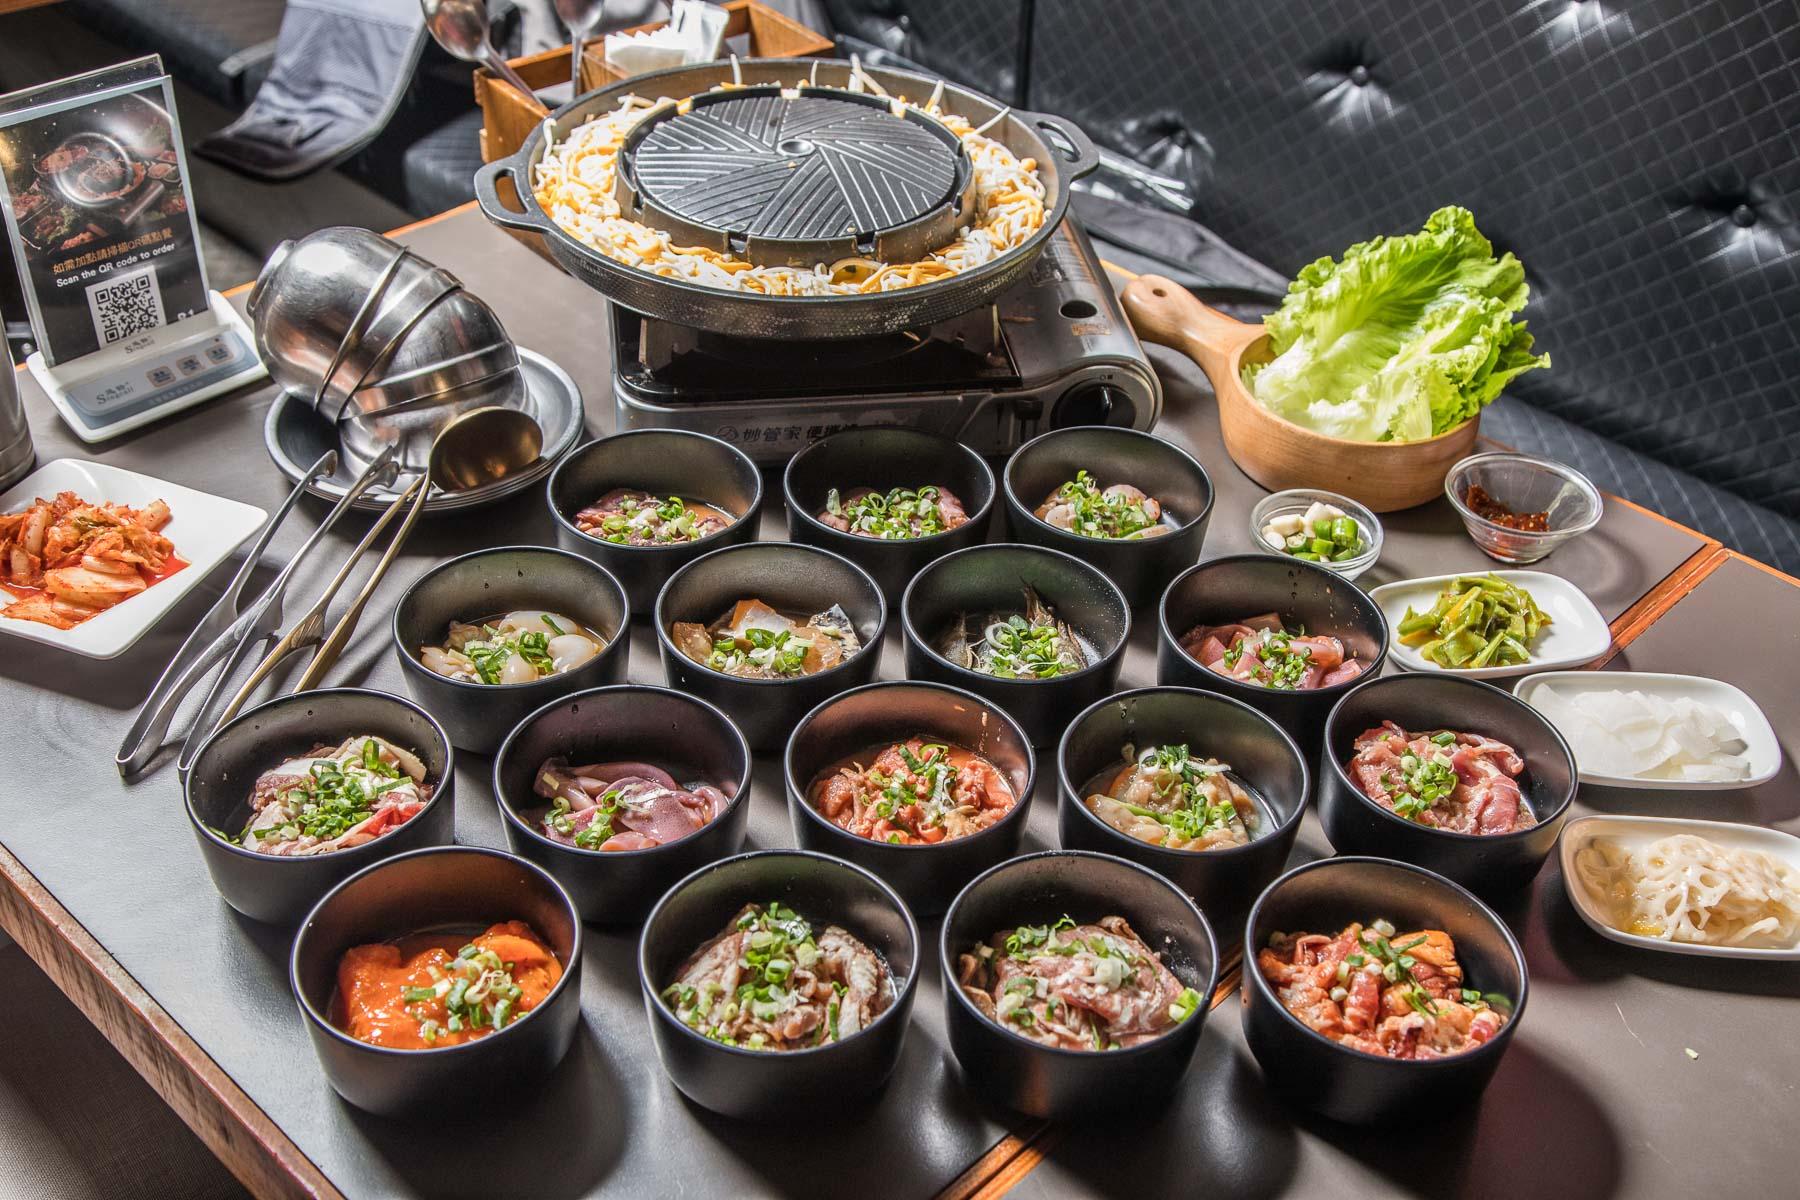 [中壢吃到飽]BINGU 賓屋 韓國食堂/戰力不夠千萬不要來!超狂韓式銅板烤肉16種肉類+海鮮無限量吃到飽!